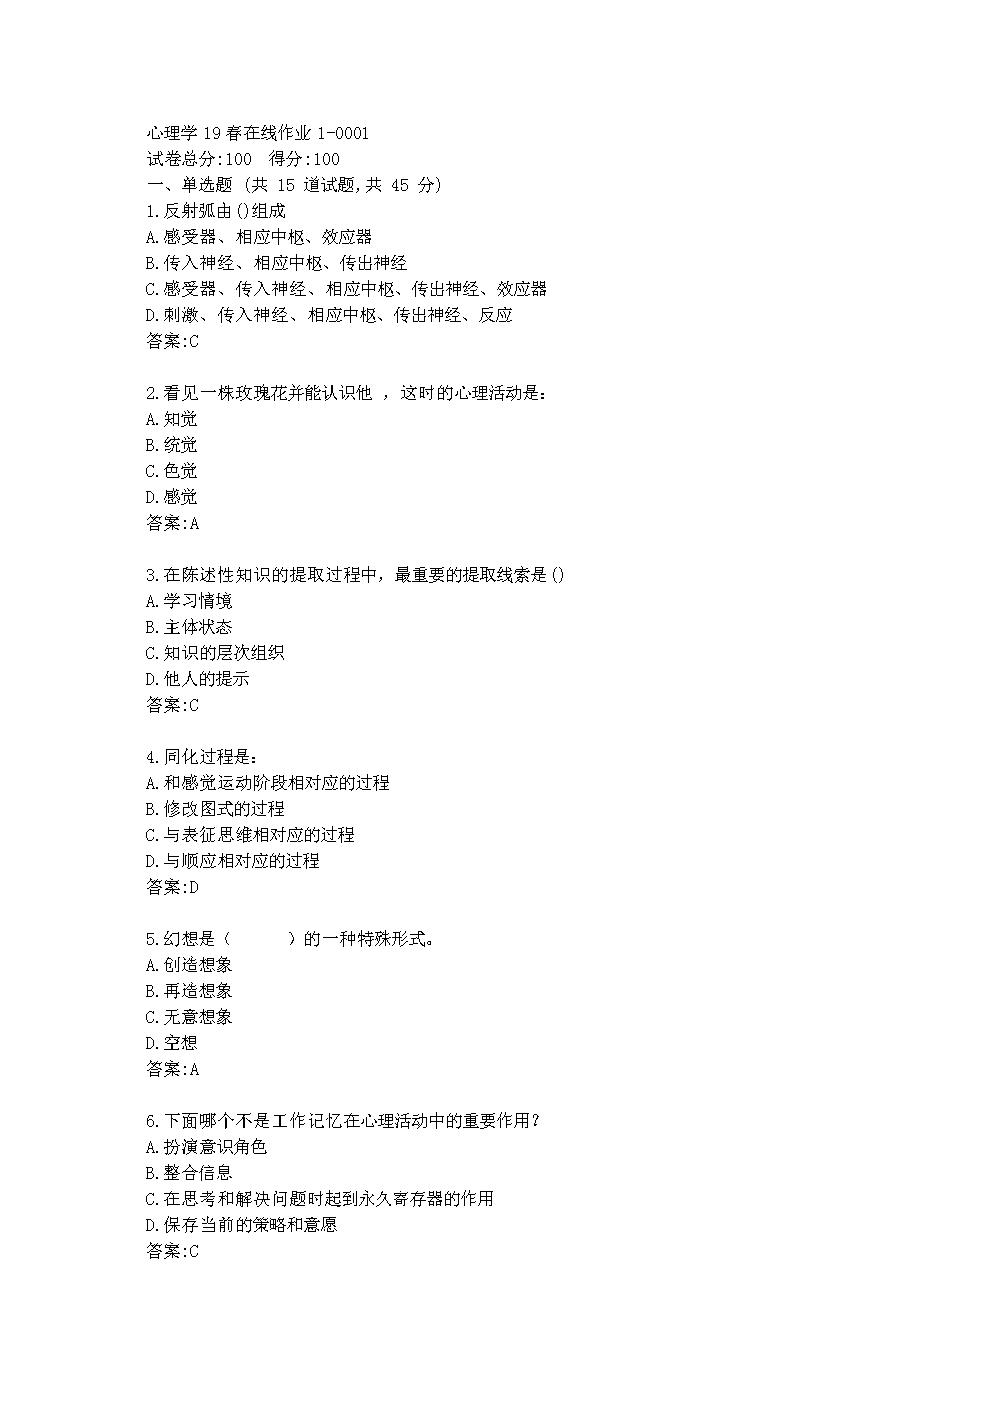 东师心理学20秋在线作业1【标准答案】.docx